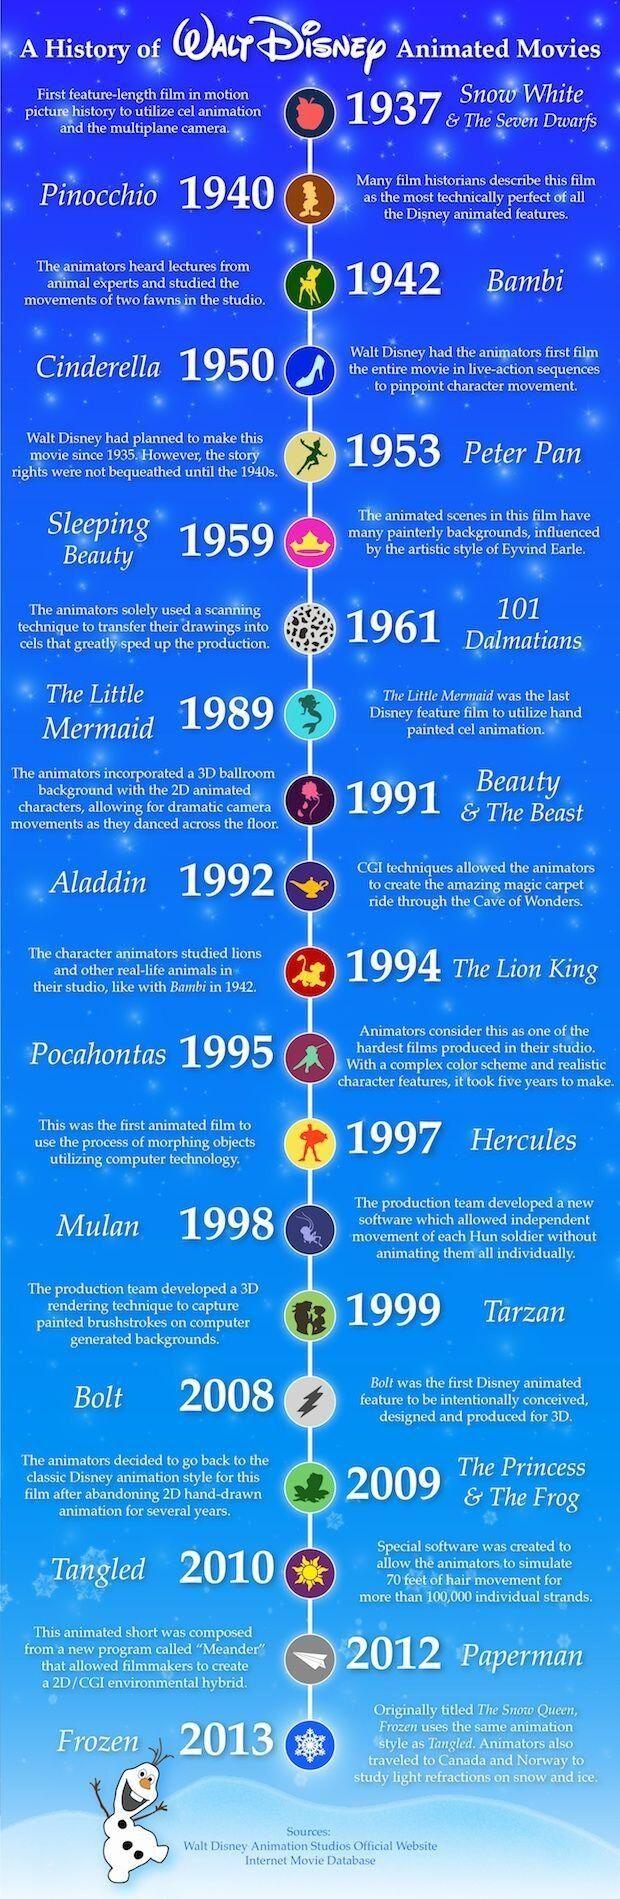 Timeline of Walt Disney Animated Movies.